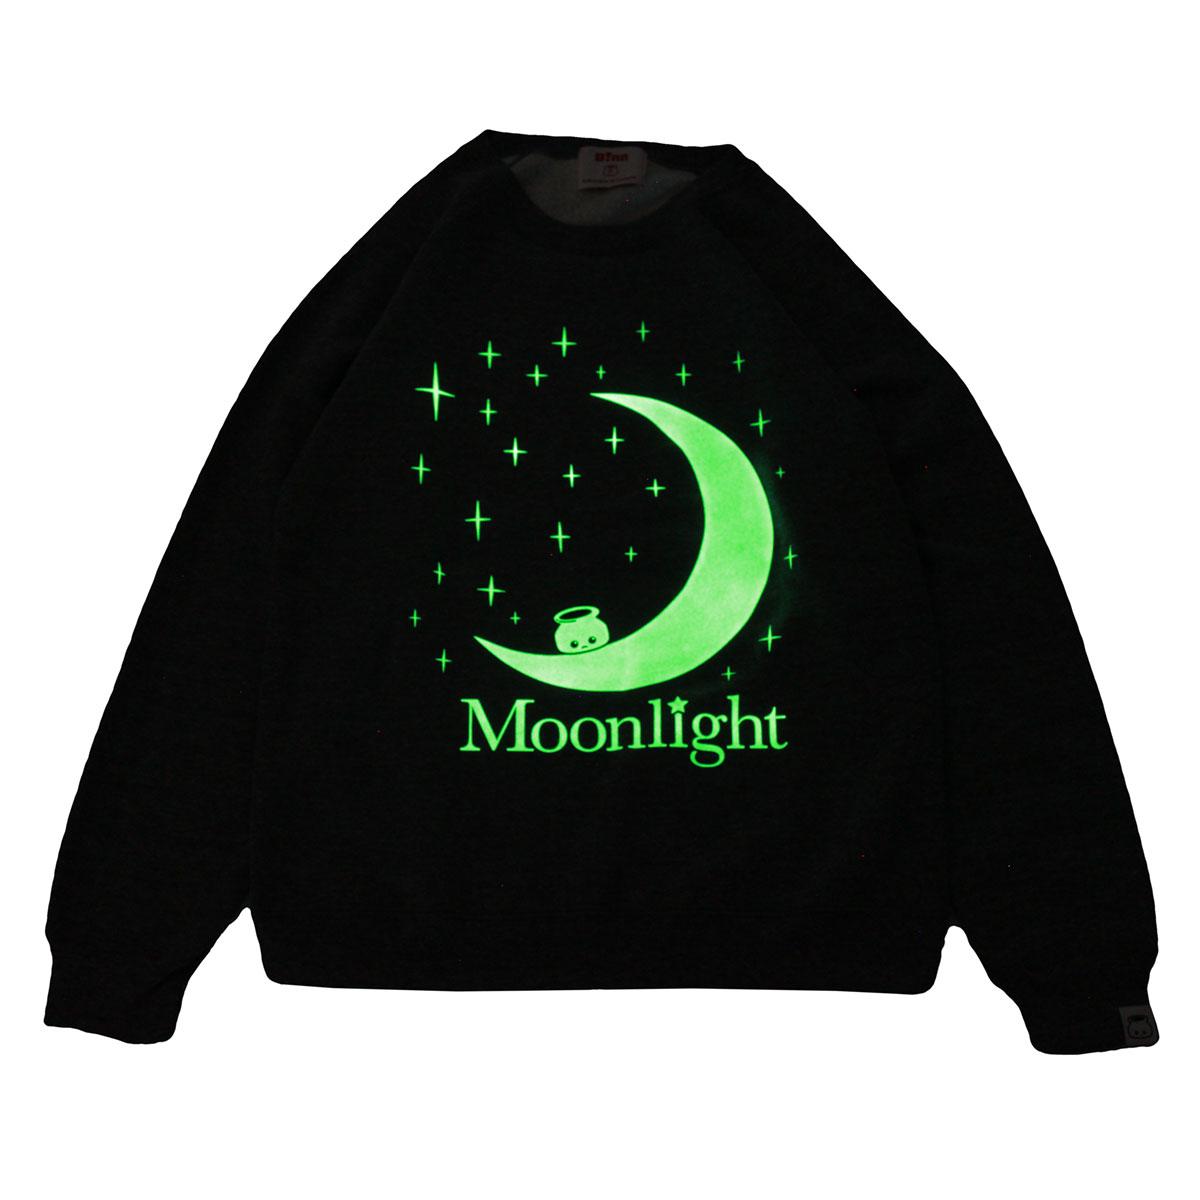 Moonlight Crew Neck Sweatshirt (Navy)